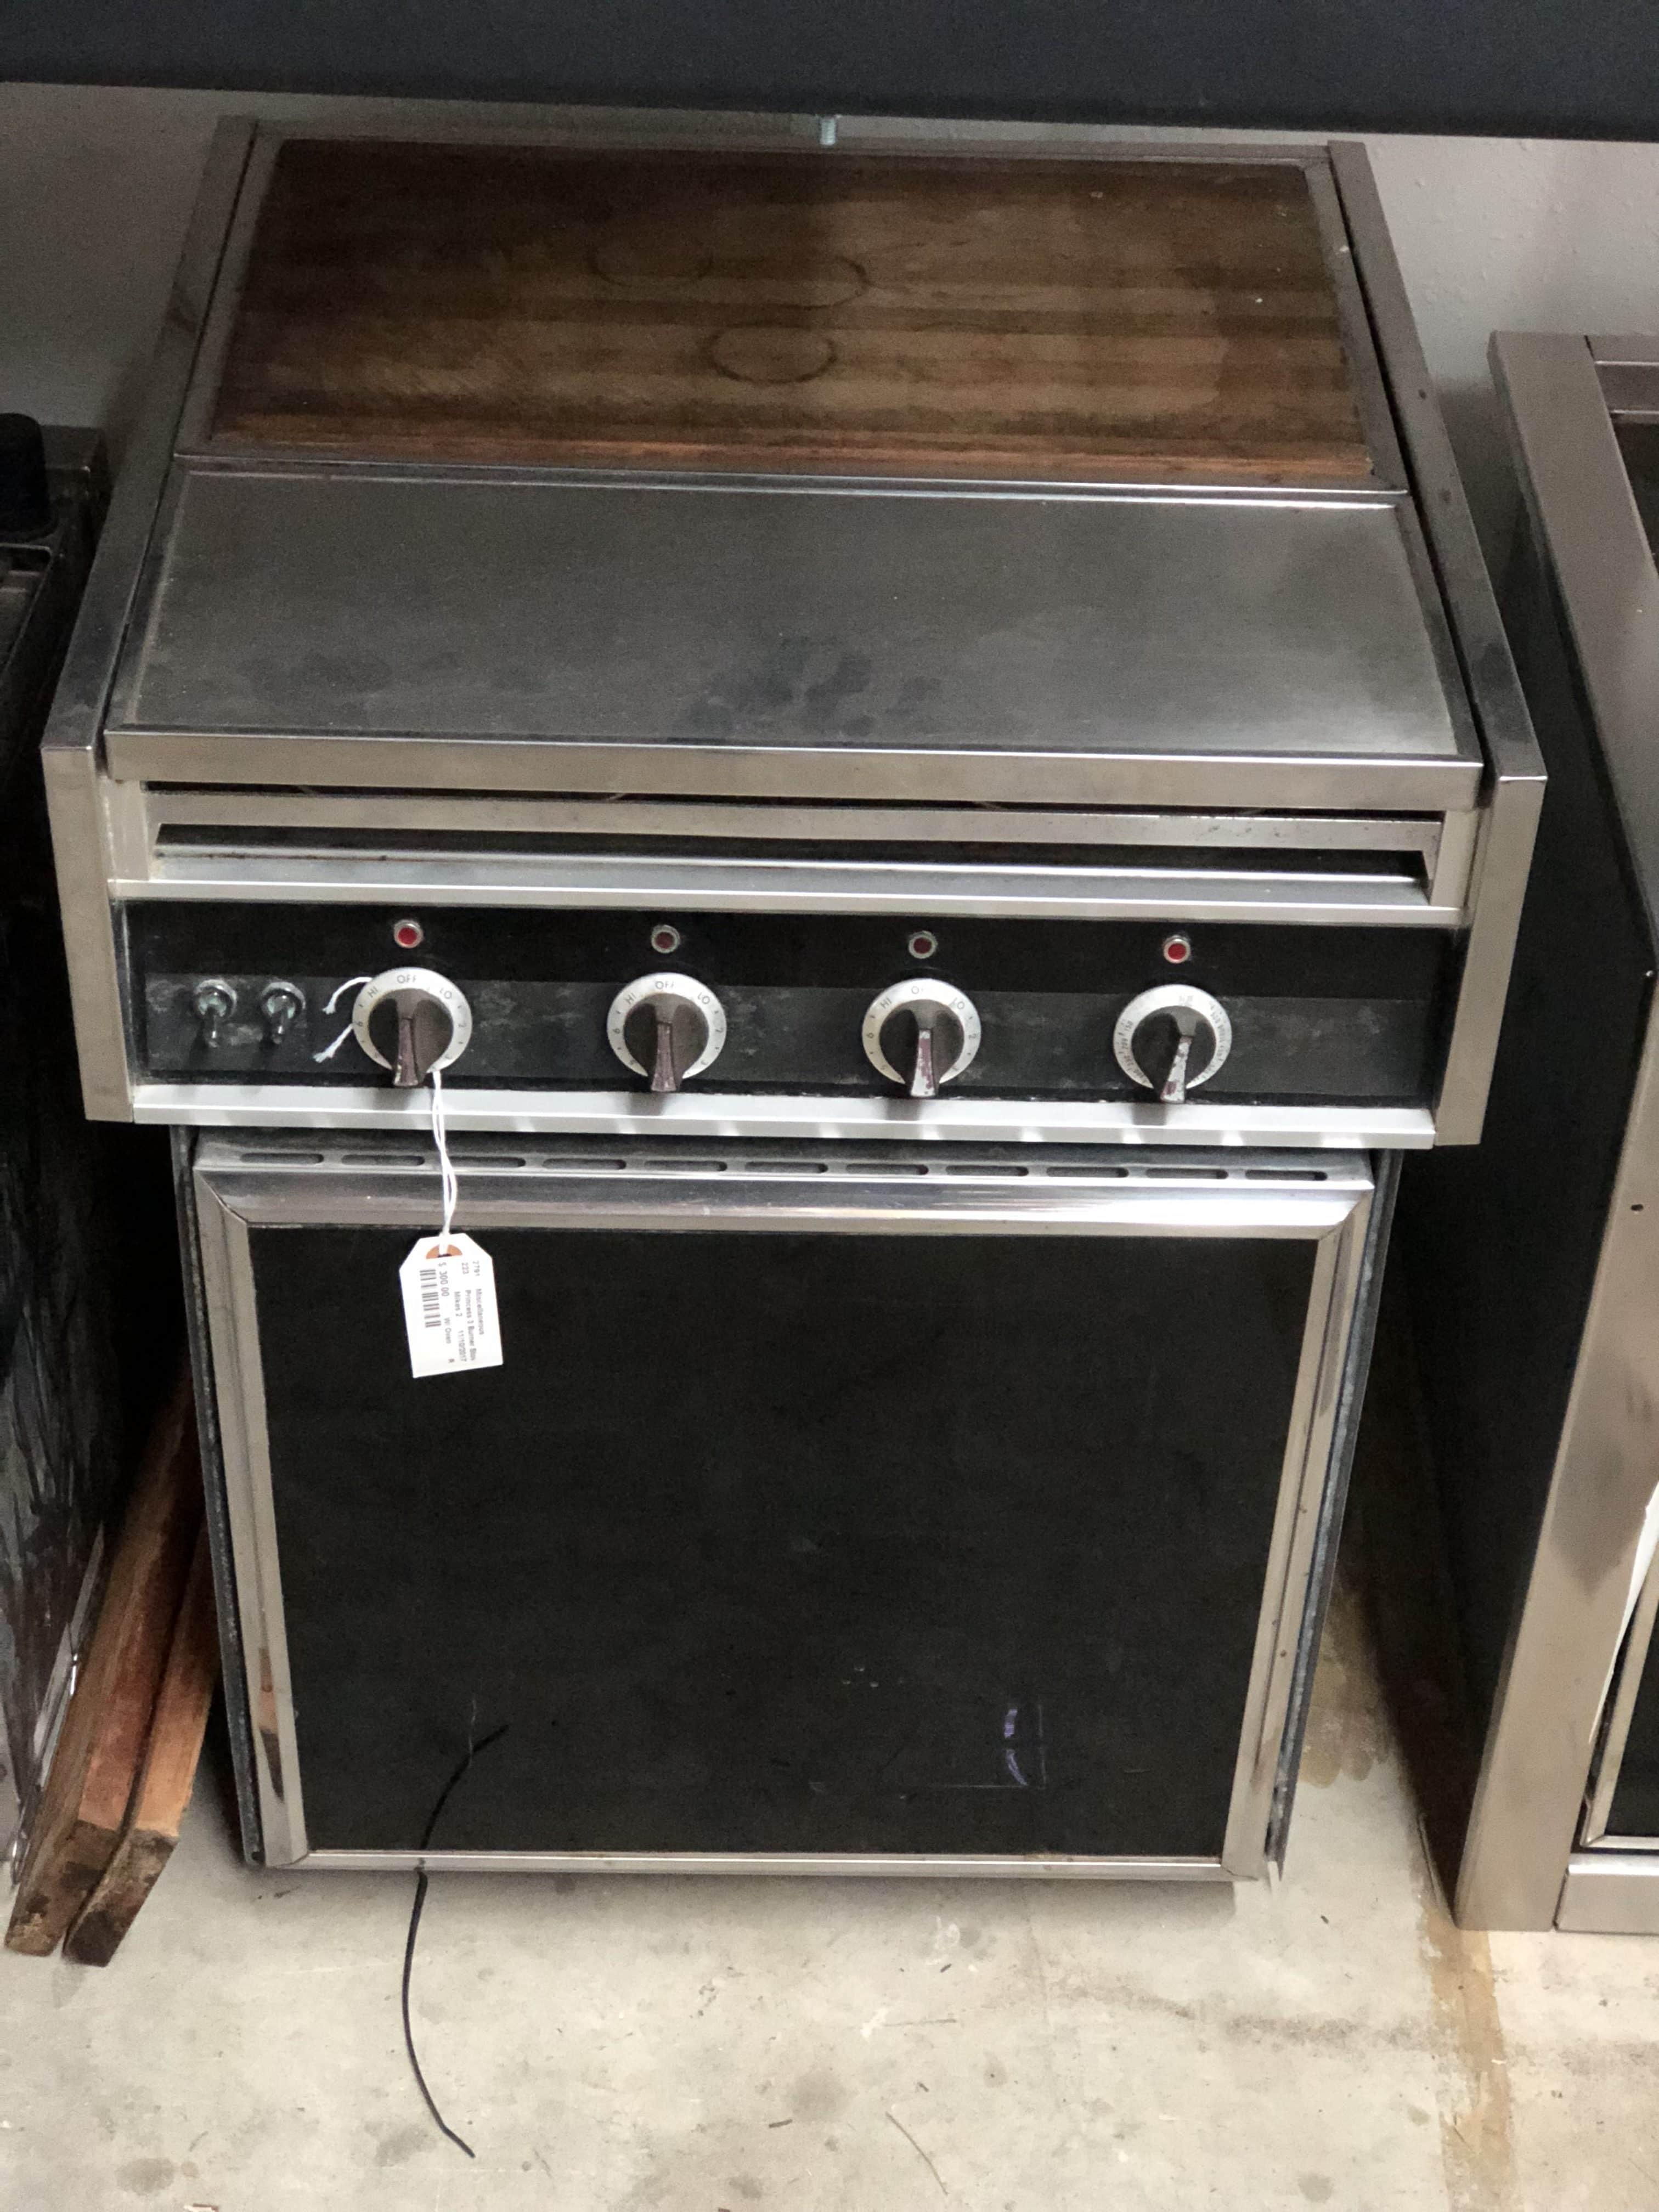 seaward princess electric stove manual